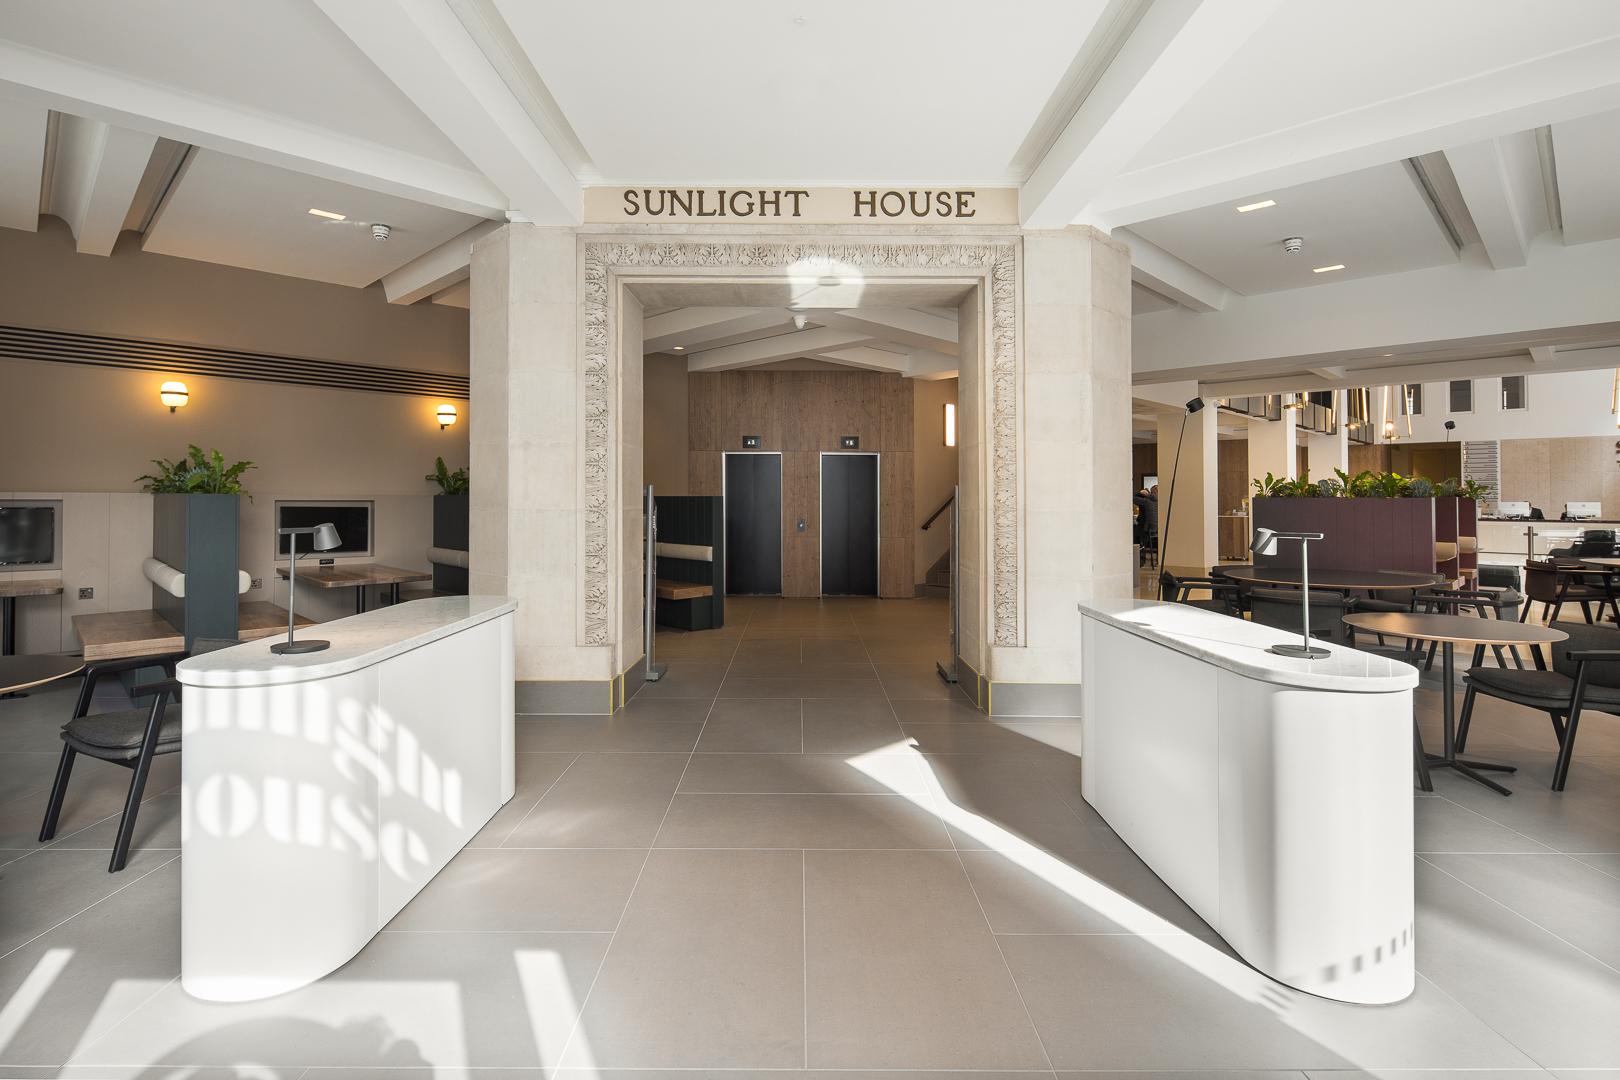 Sunlight interior